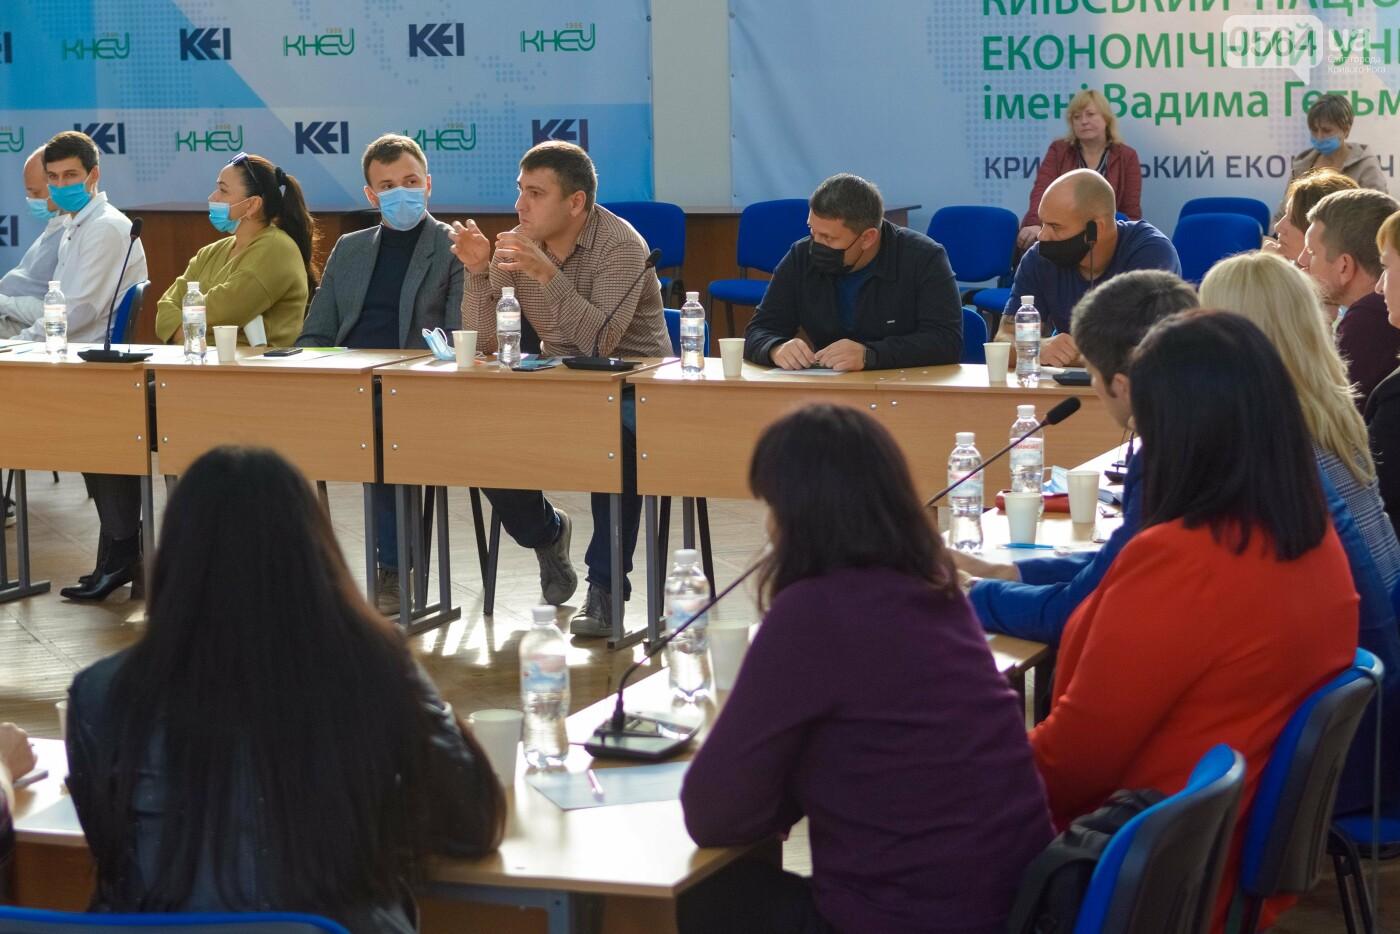 Проекти Народної програми Дмитра Шевчика: Міська програма розвитку підприємництва, фото-1